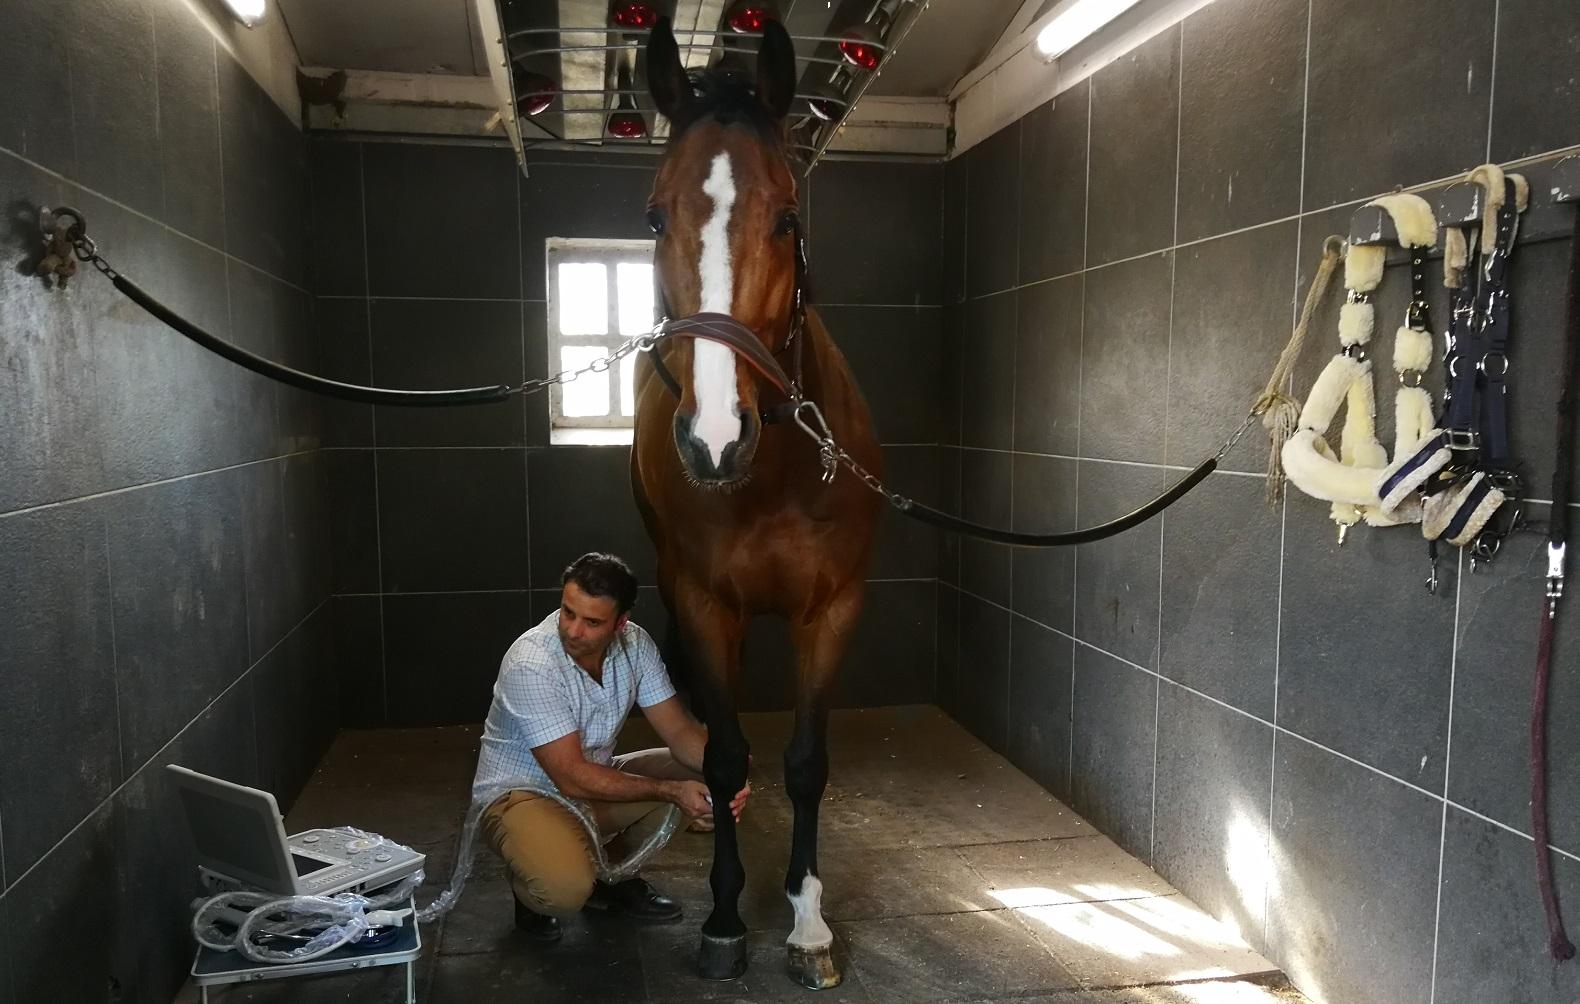 Vetting in Horses - Horses Vet Check